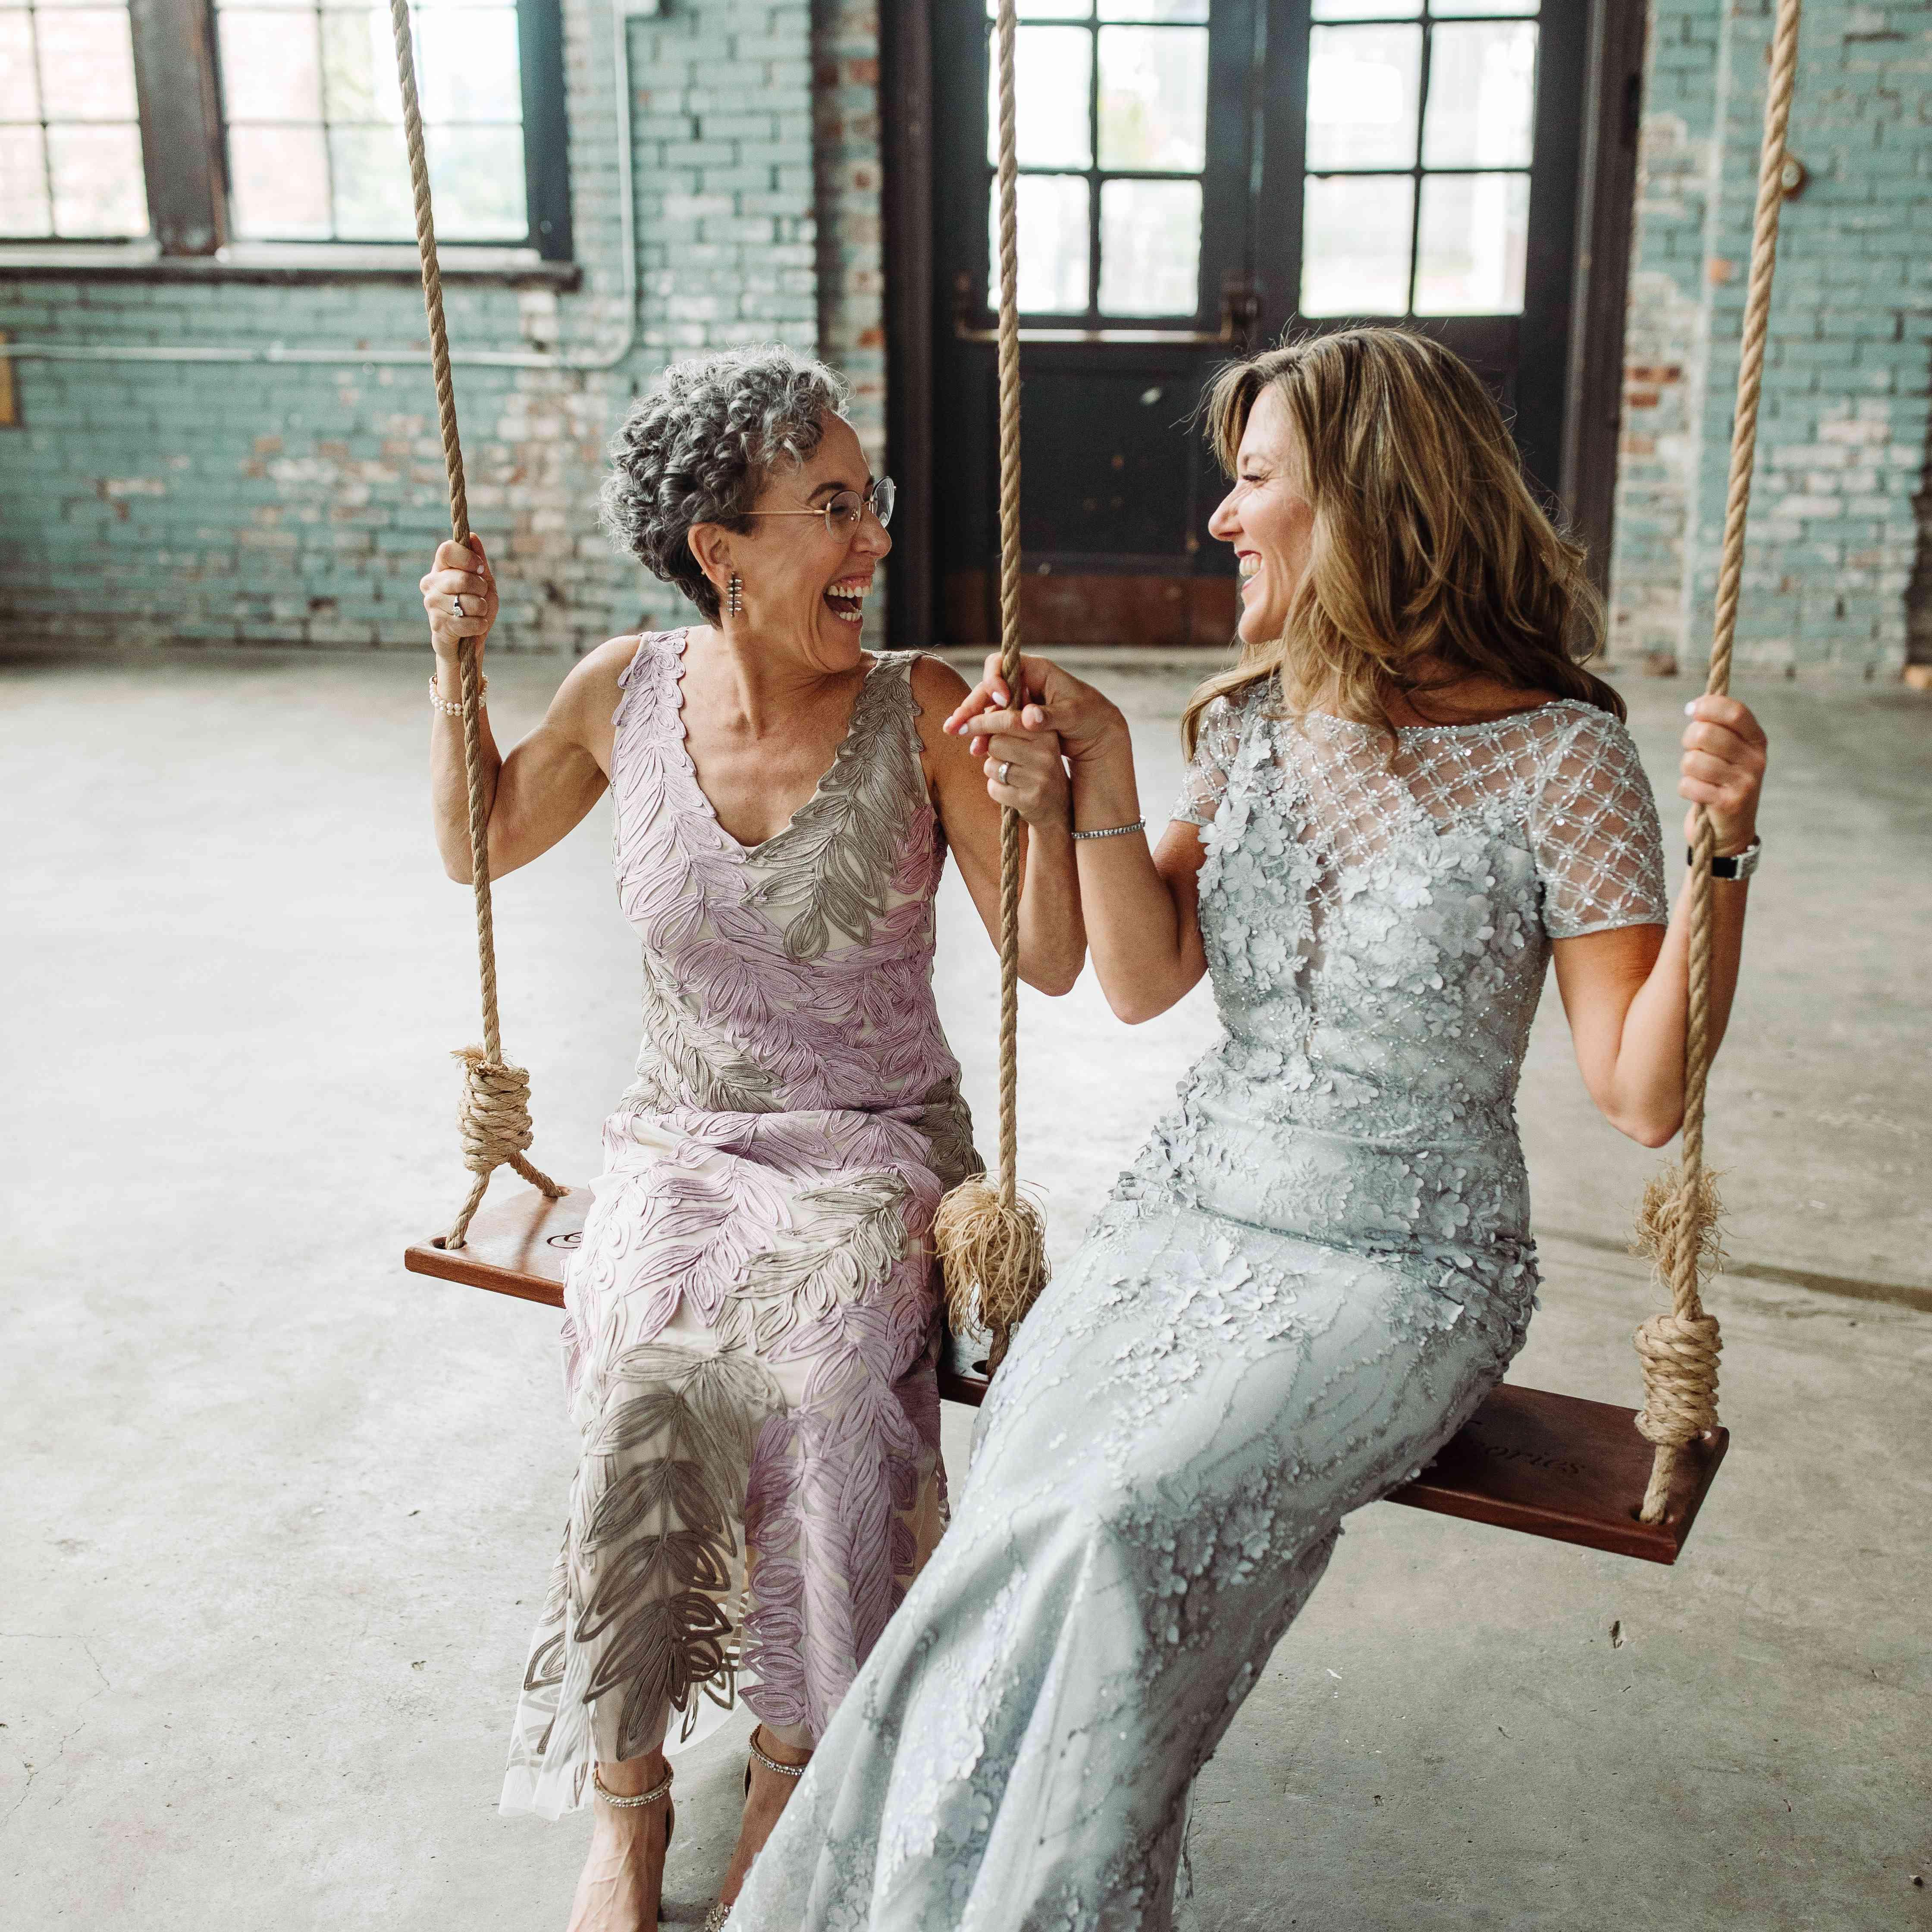 mothers on swings